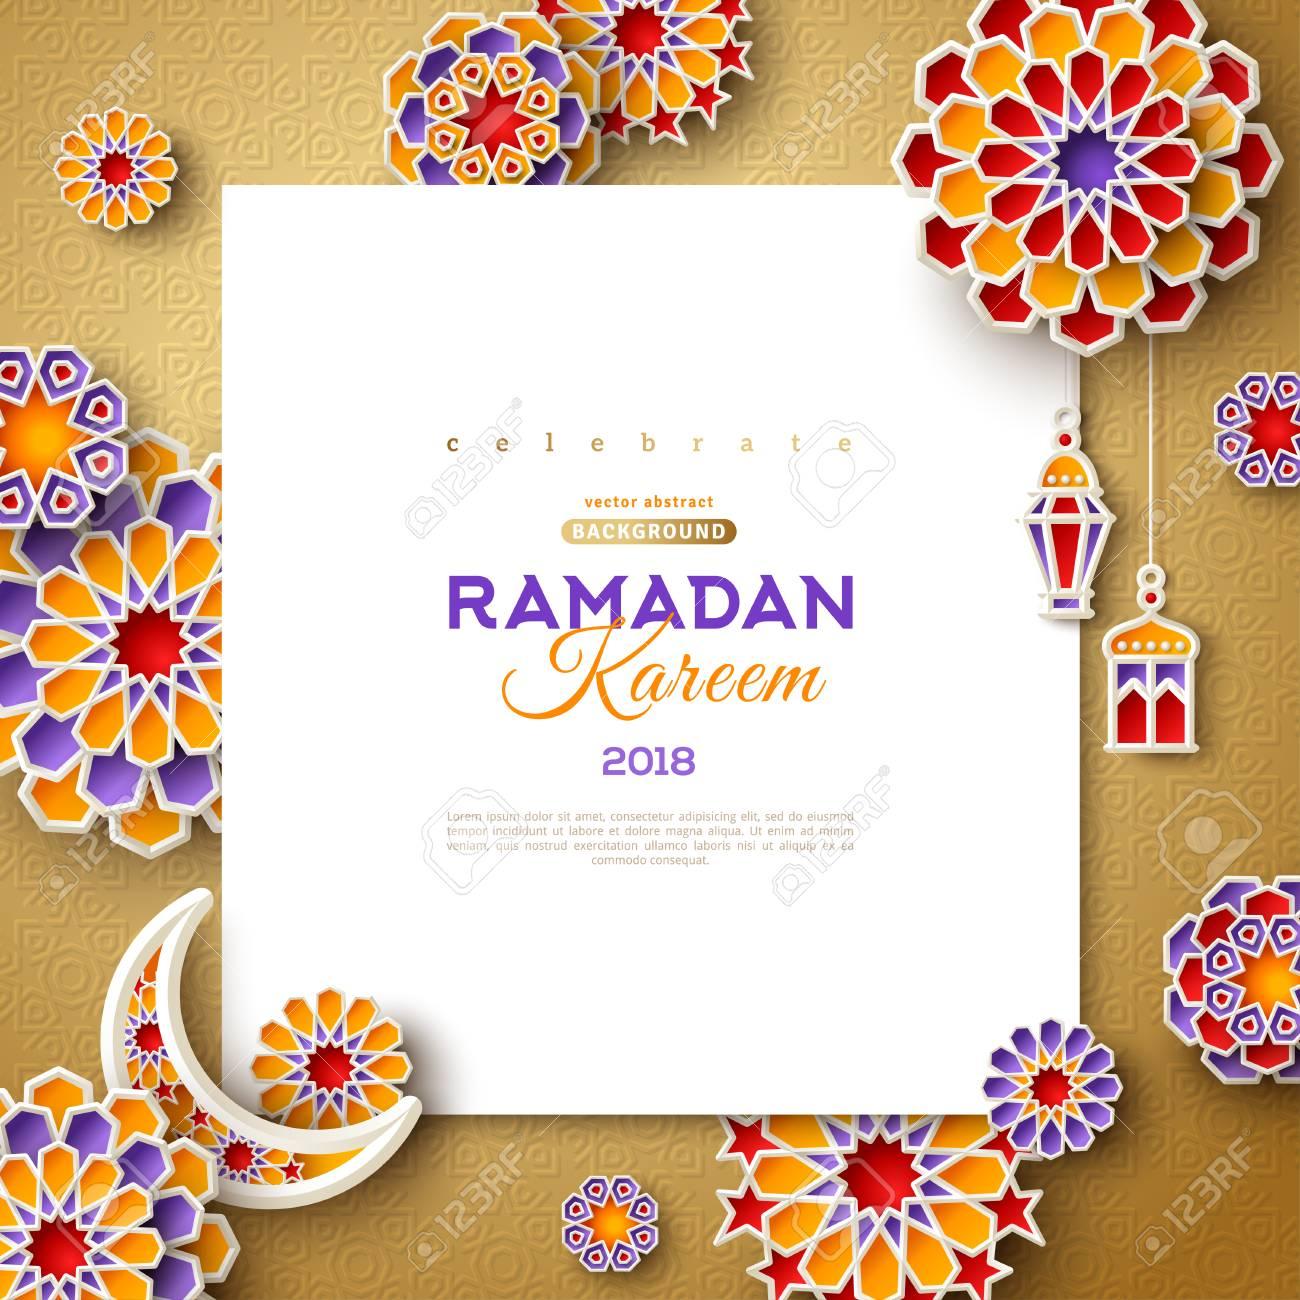 Ramadan Kareem square frame - 100162496